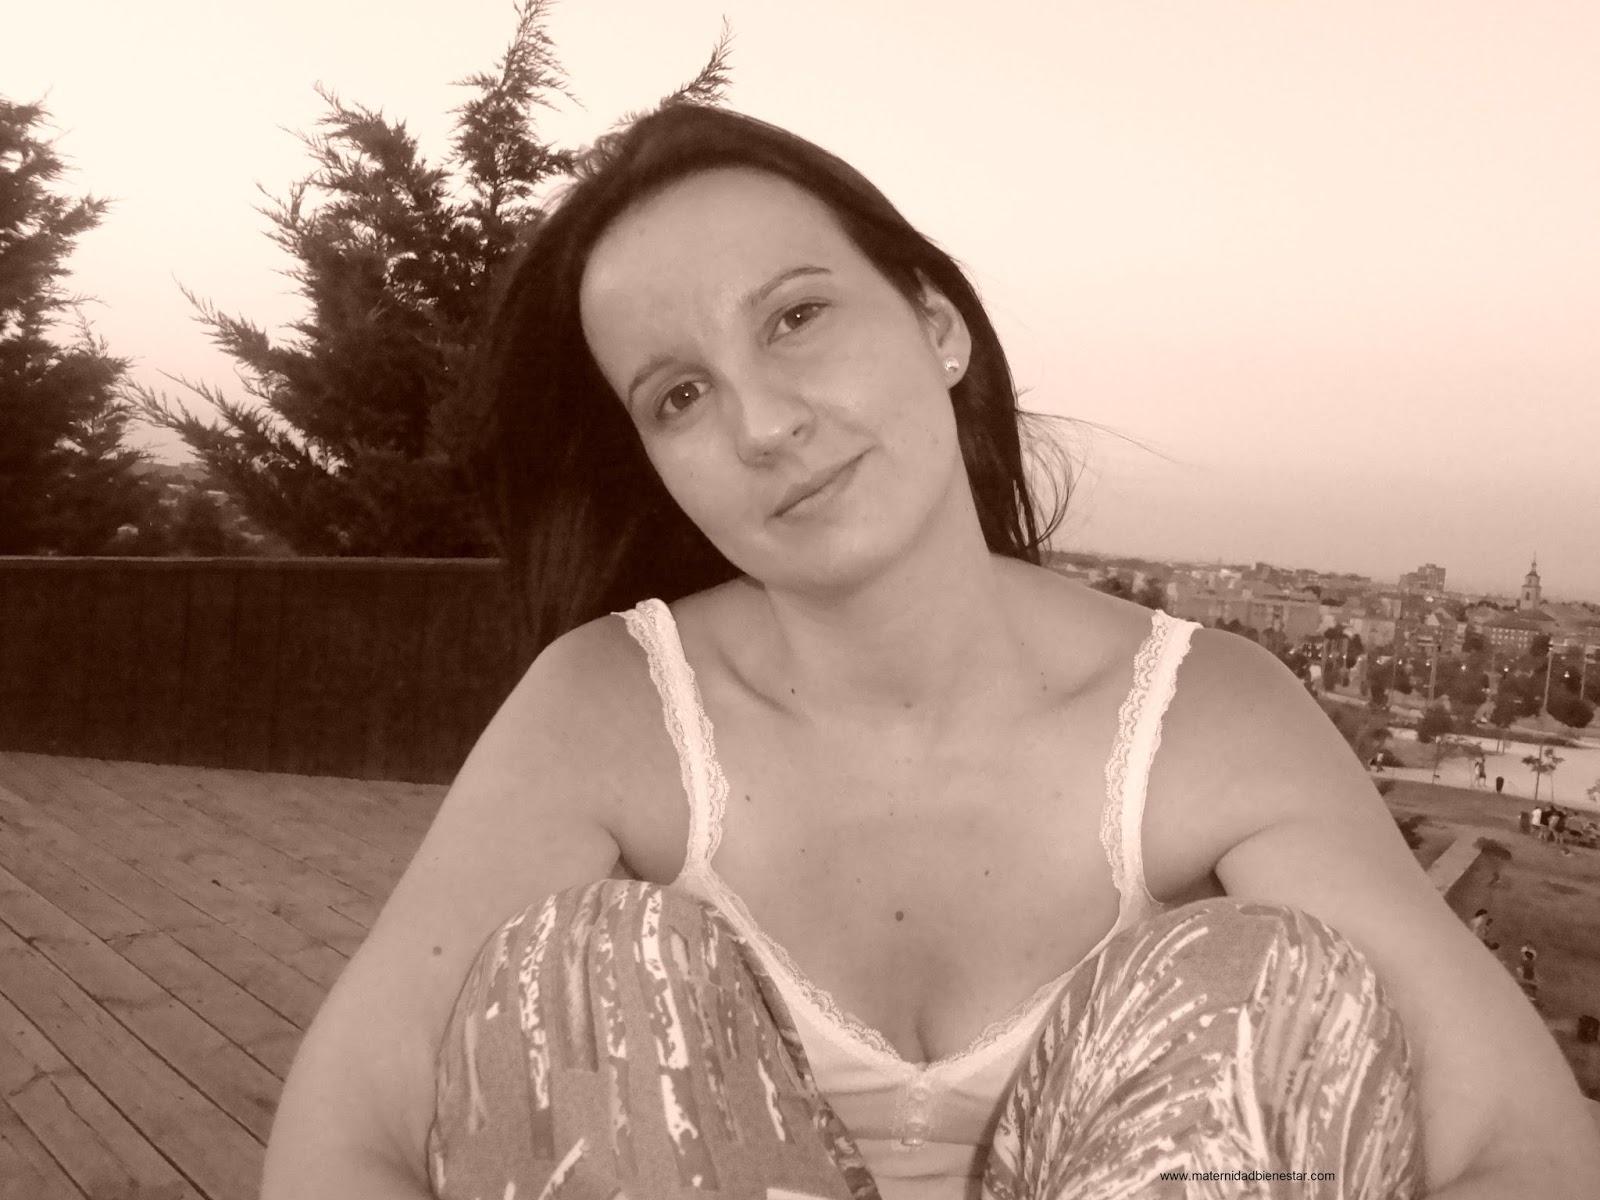 www.maternidadbienestar.com